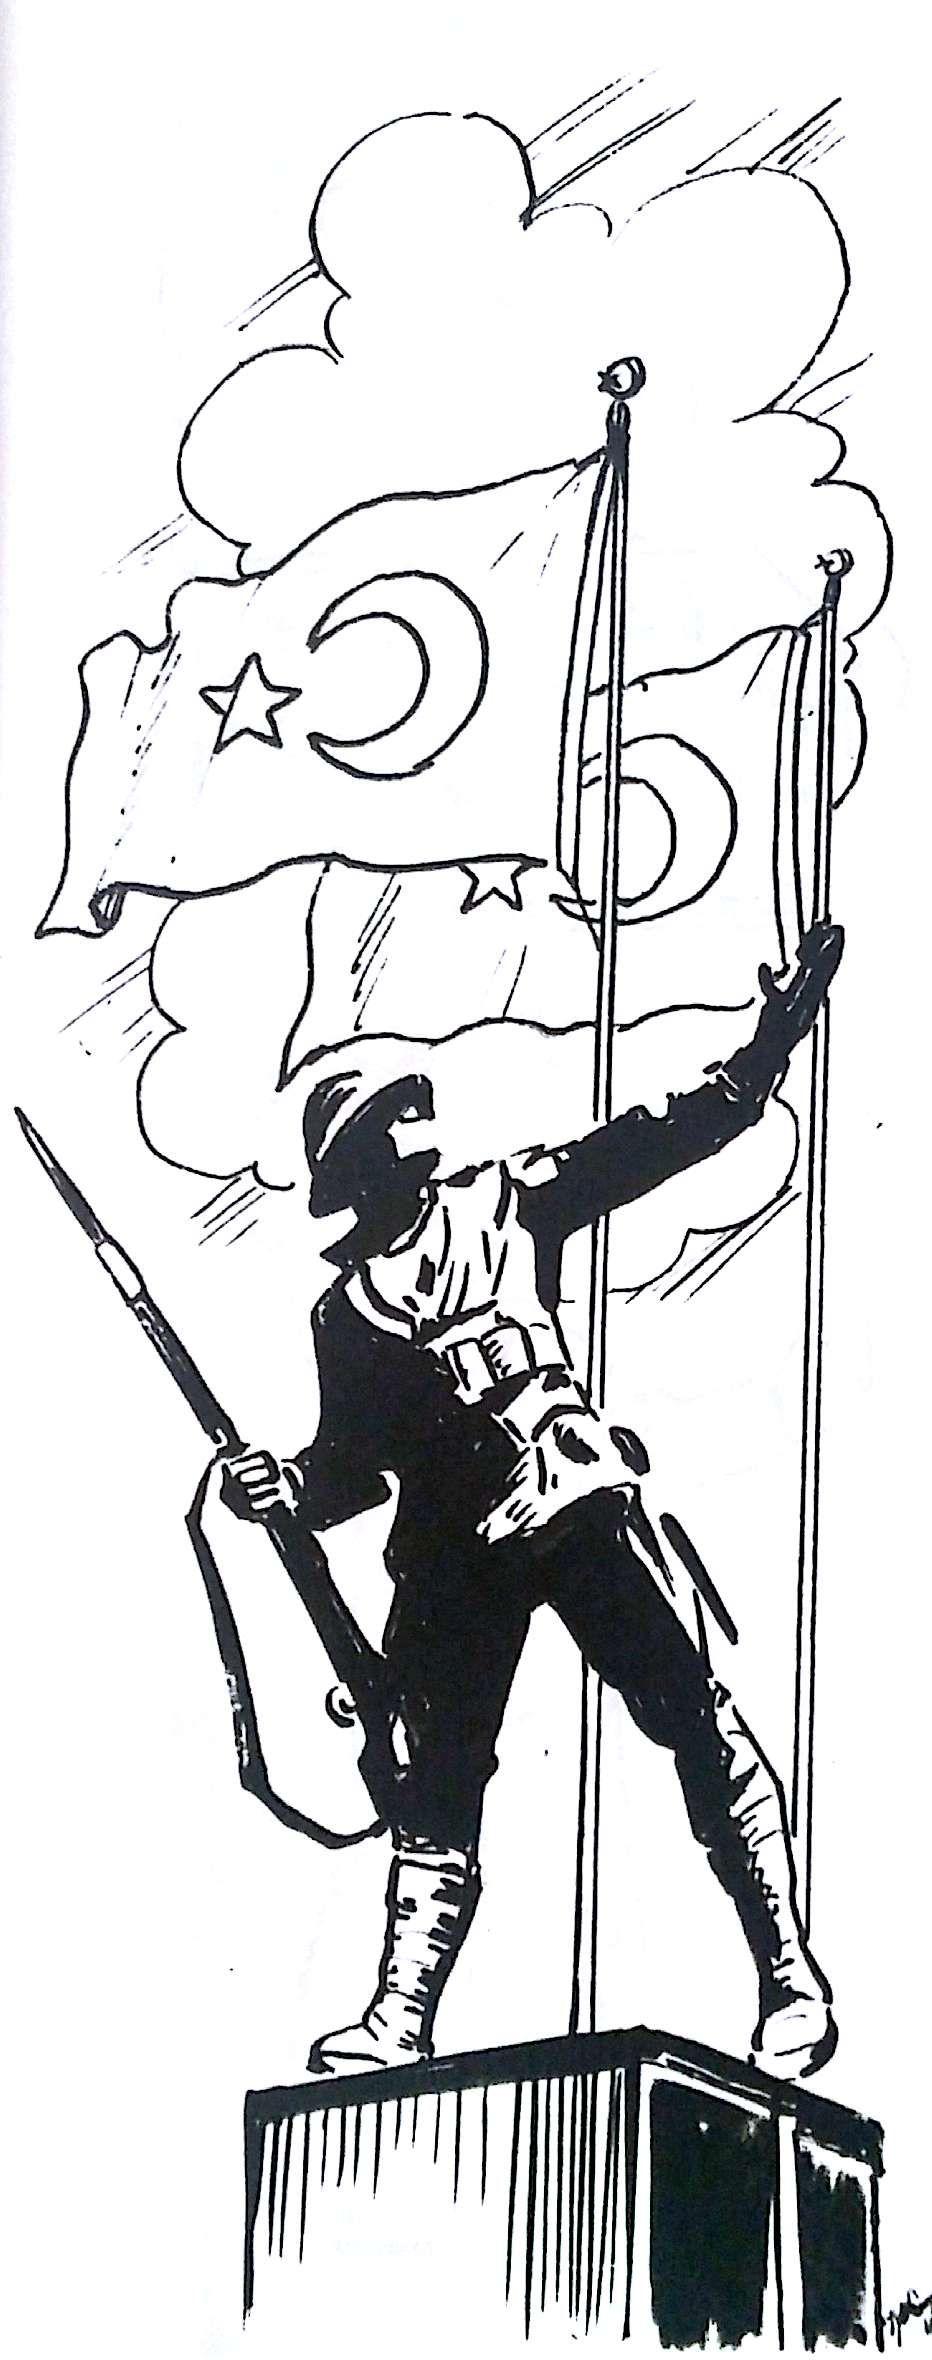 29 Ekim Cumhuriyet Bayrami Bayram Hazirliklari 23 Nisan Milli